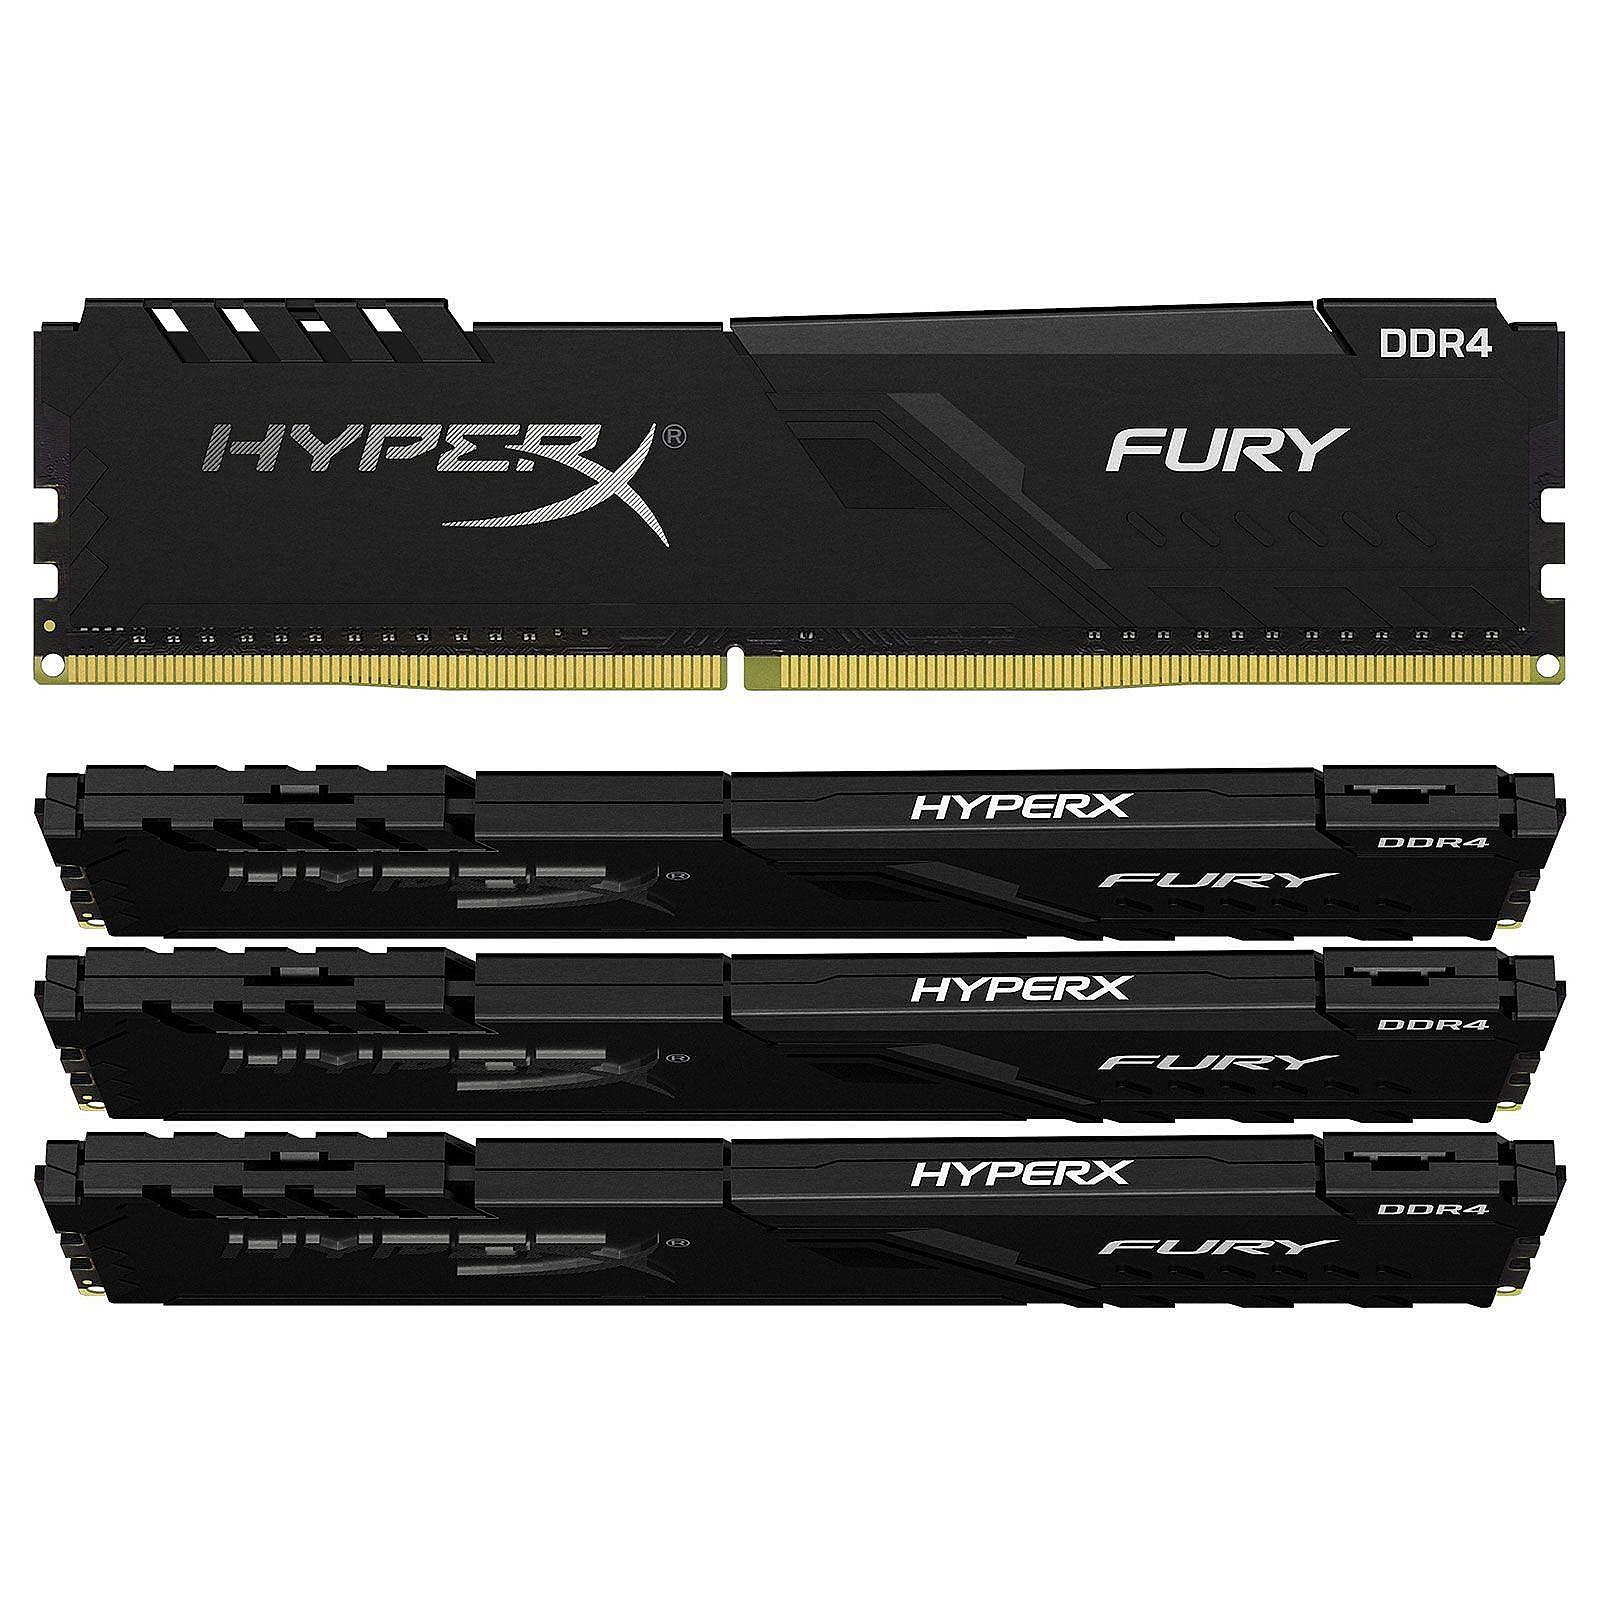 HyperX Fury 128 Go (4 x 32 Go) DDR4 3600 MHz CL18